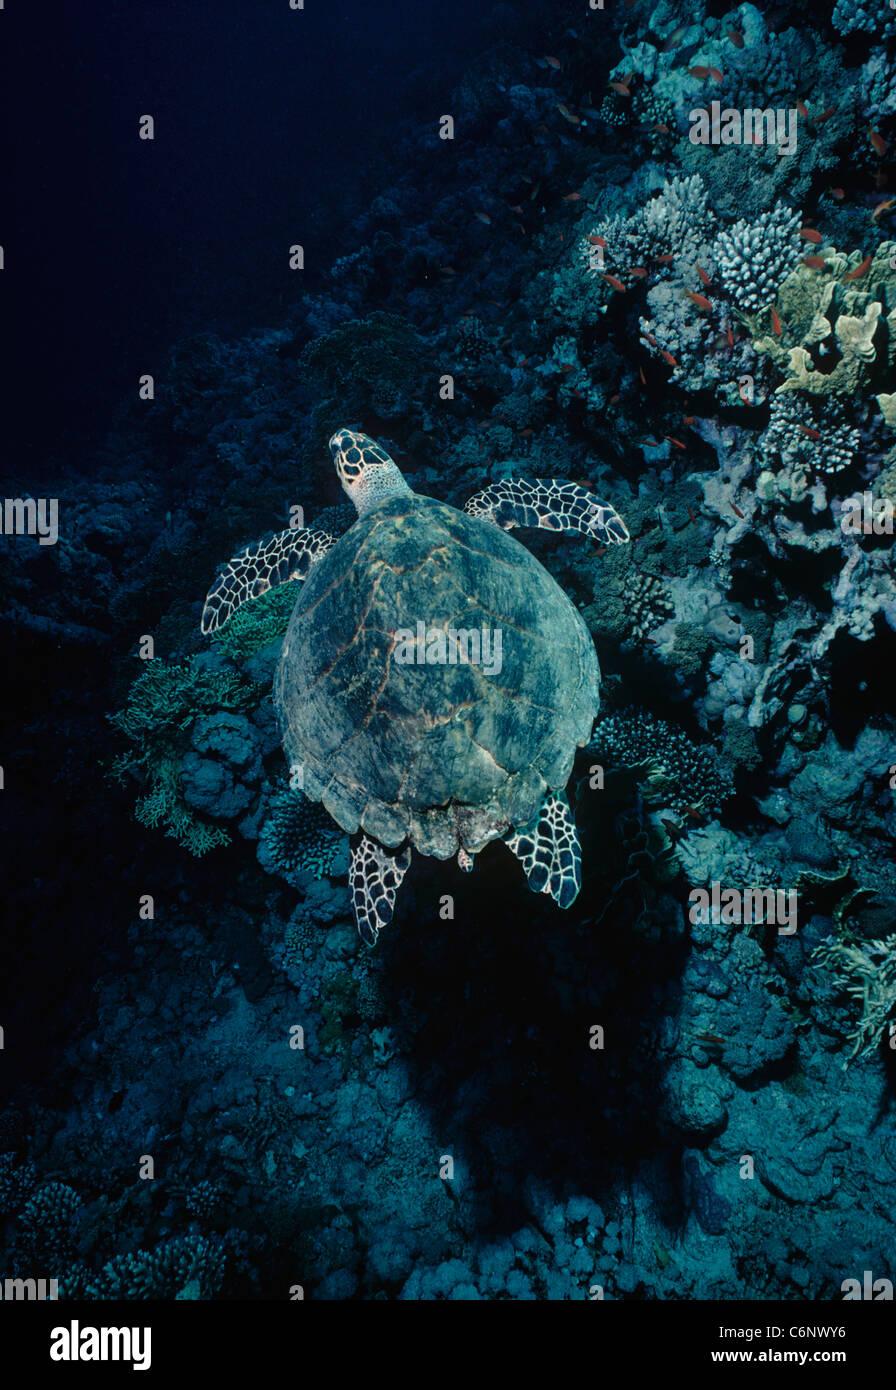 La tortuga carey (Eretmochelys imbricata) nadando en un arrecife de coral. Egipto, el Mar Rojo. Imagen De Stock